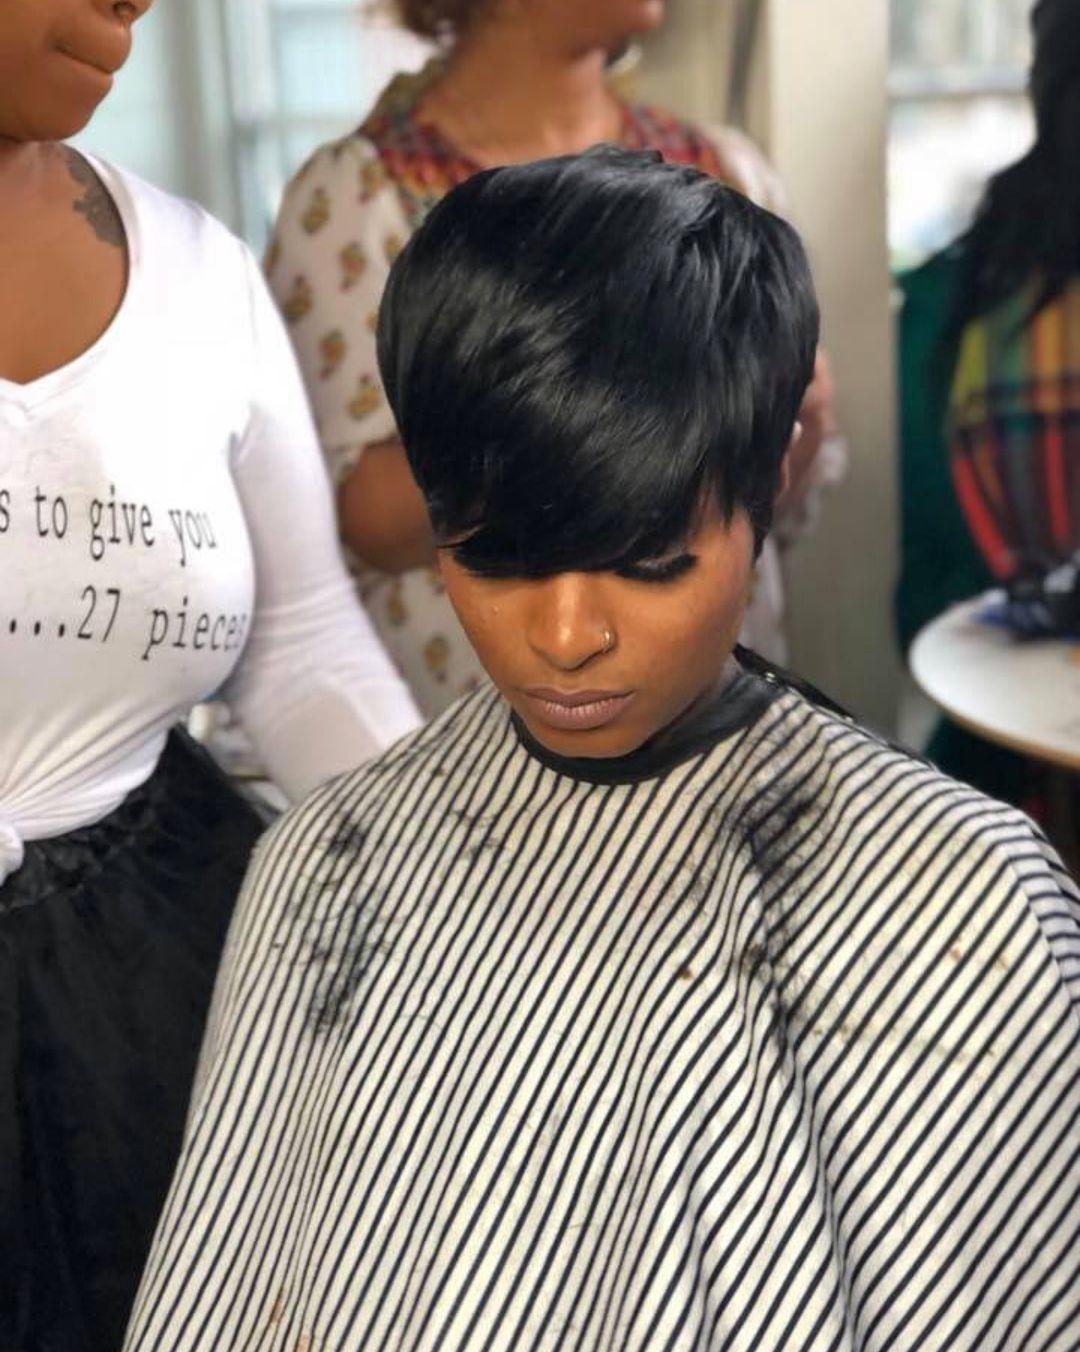 27 Piece Short Hairstyle : piece, short, hairstyle, Beauty, Regimen